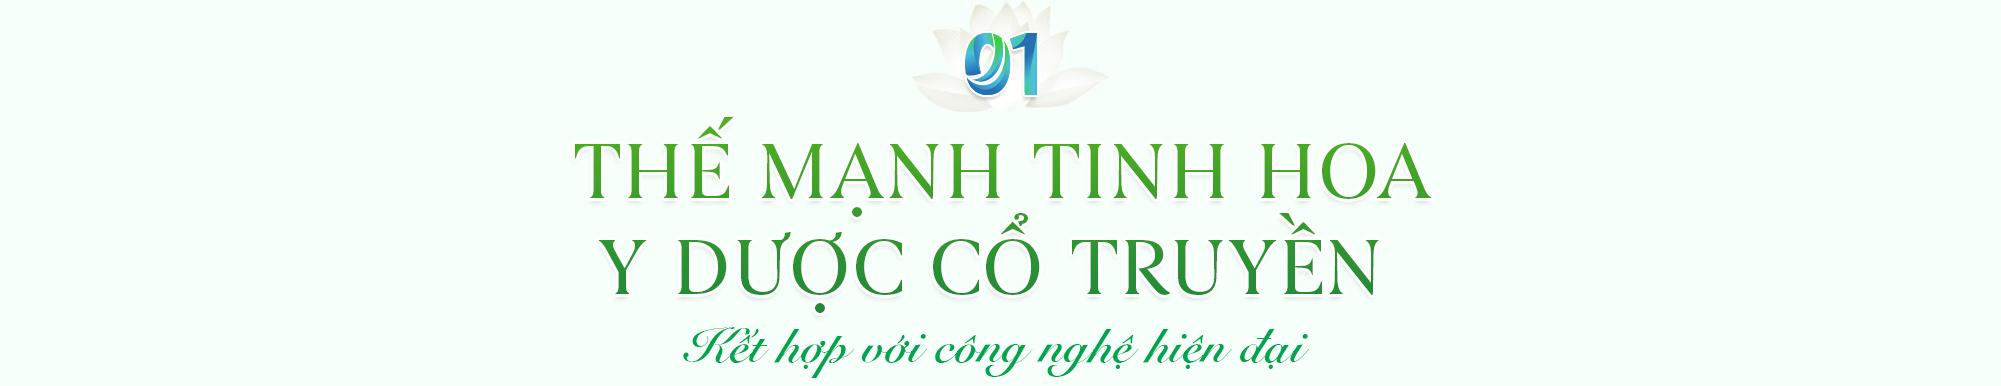 Dược phẩm Hoa Linh Bông sen trắng vươn mình để chất lượng tỏa hương - Ảnh 2.